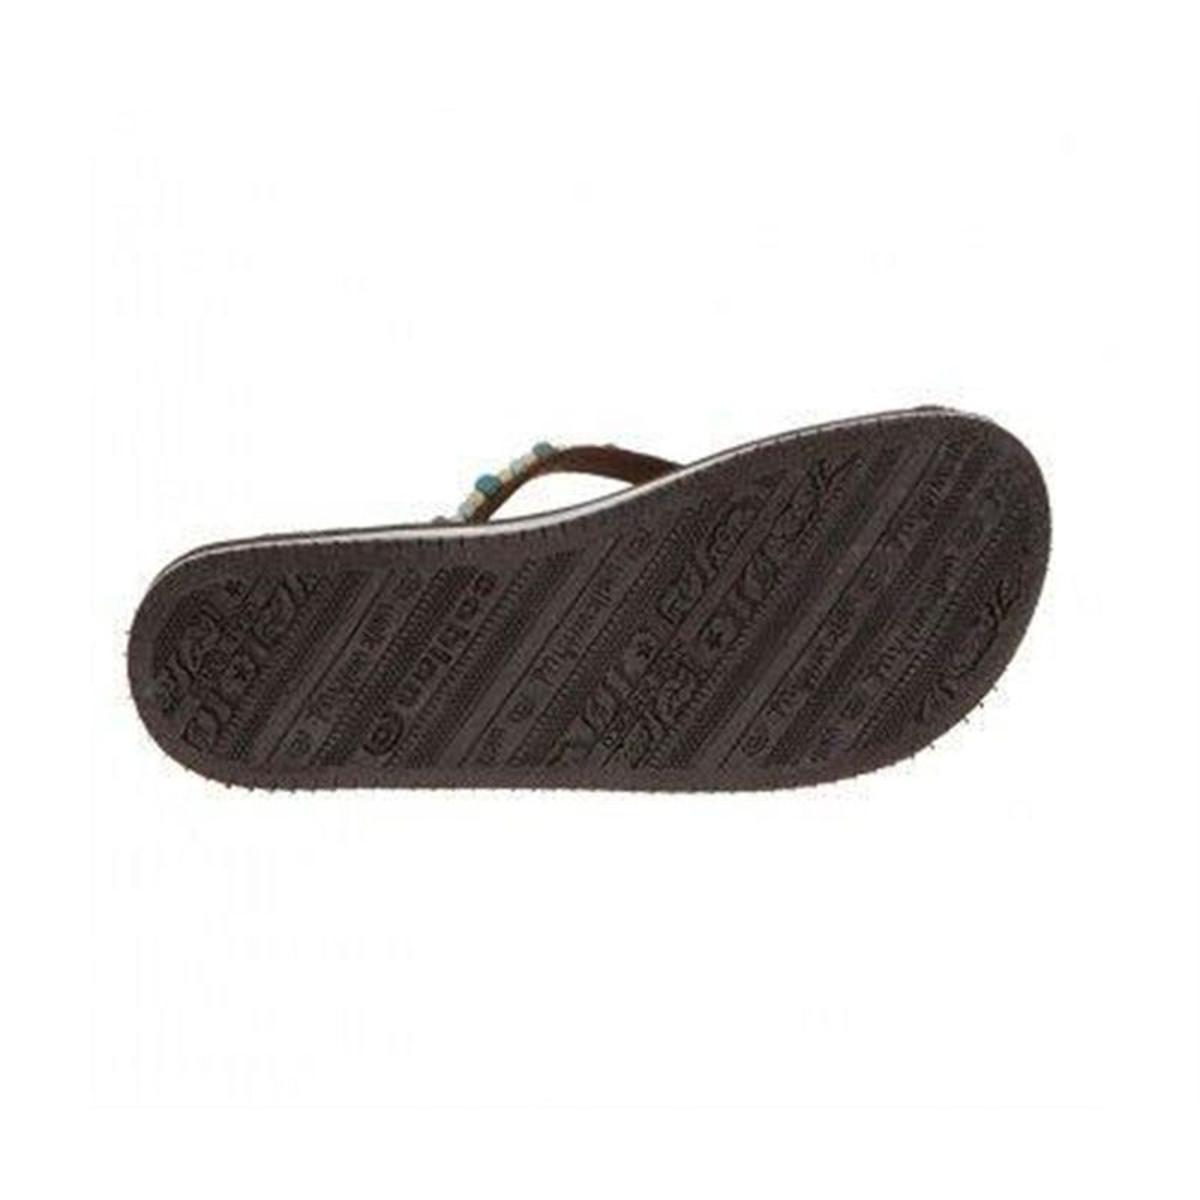 sandales  /  nu-pieds caoutchouc